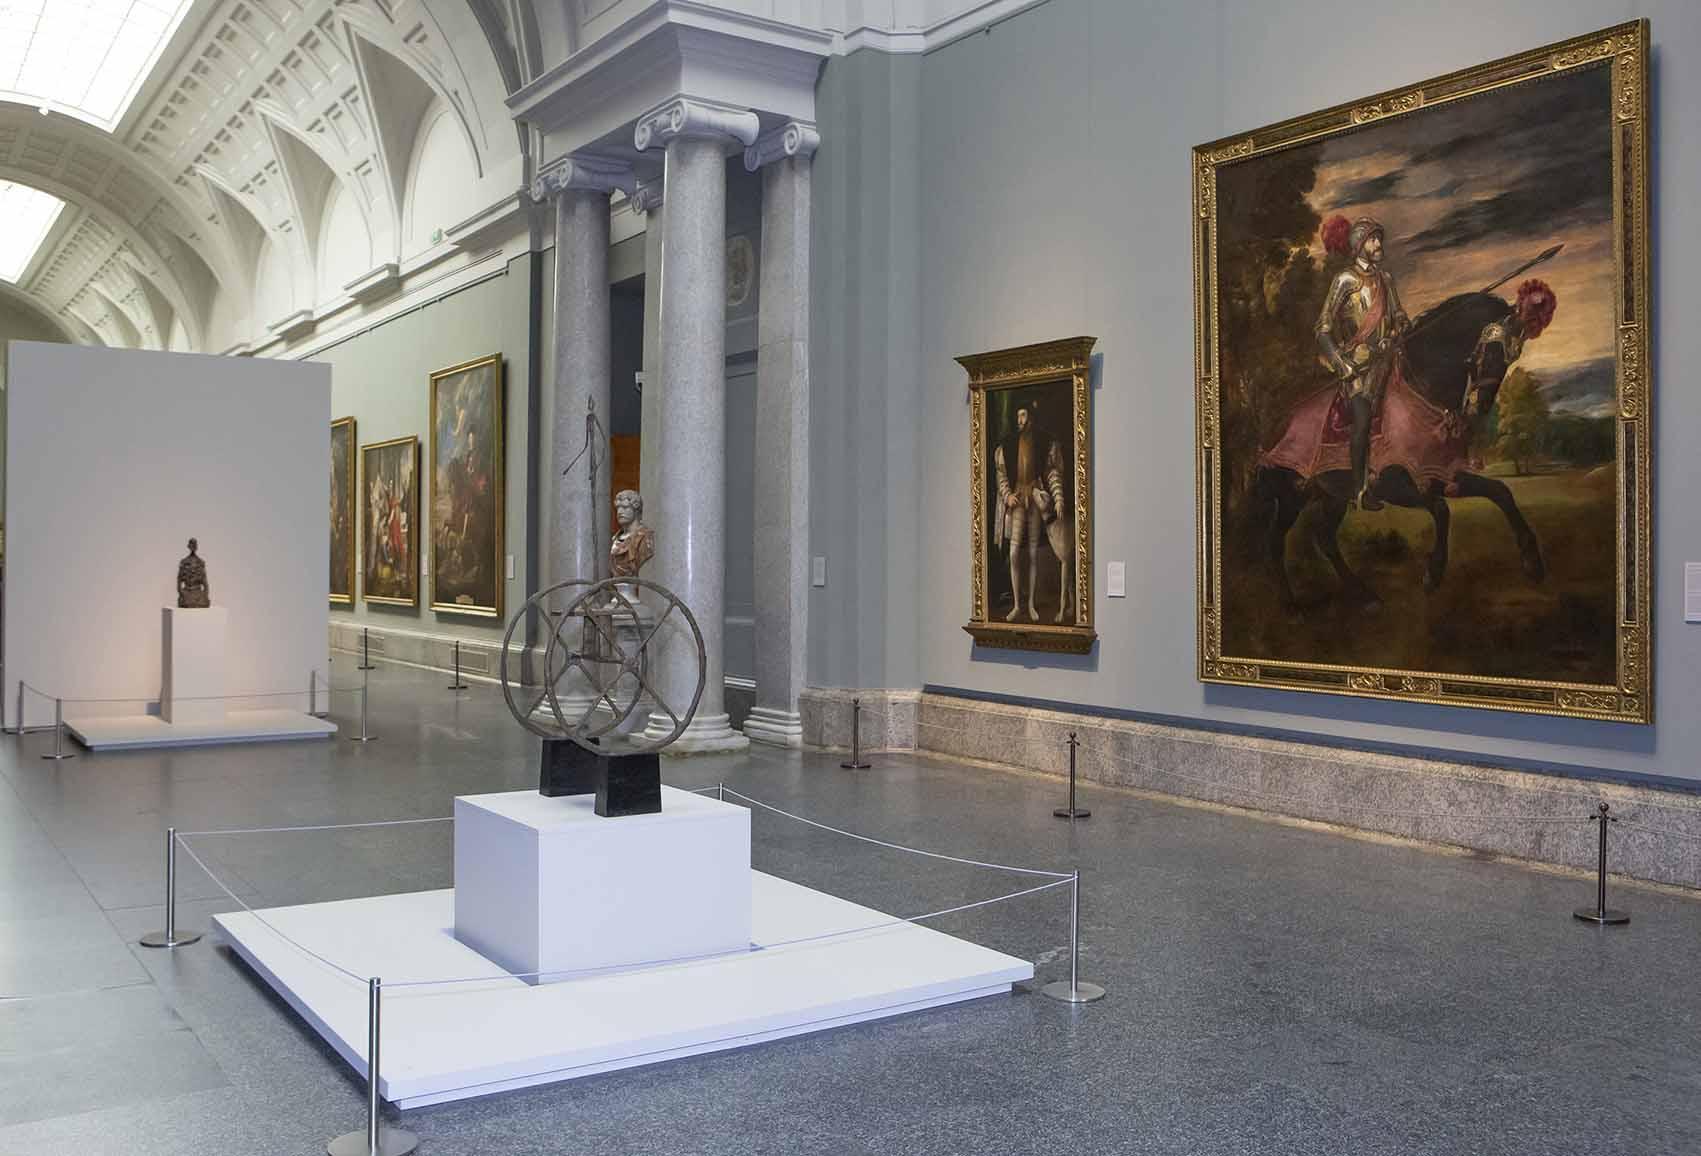 Giacometti dialoga con los grandes maestros del Prado Artes & contextos 77121475 6d7c a889 8c61 725bea87d638